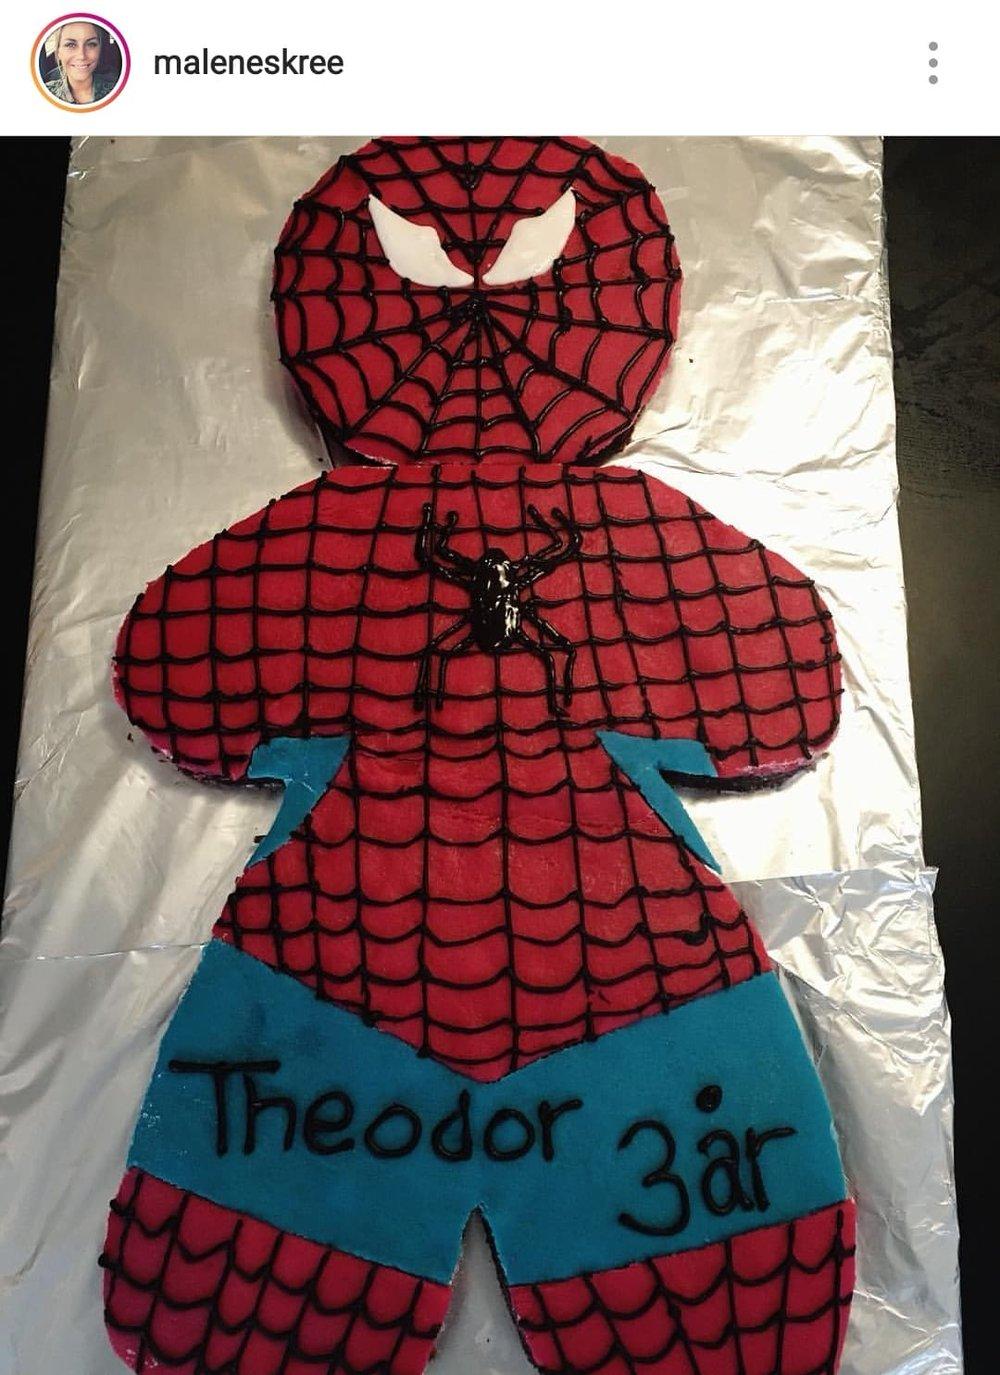 Her er det Theodor der er vild med spidermand, som har fået kagen. Er den ikke fin? Du kan enten kaste dig ud i fondant eller i marcipan til toppen. Alternativt kan du farve flødeskum eller glaslur :-)